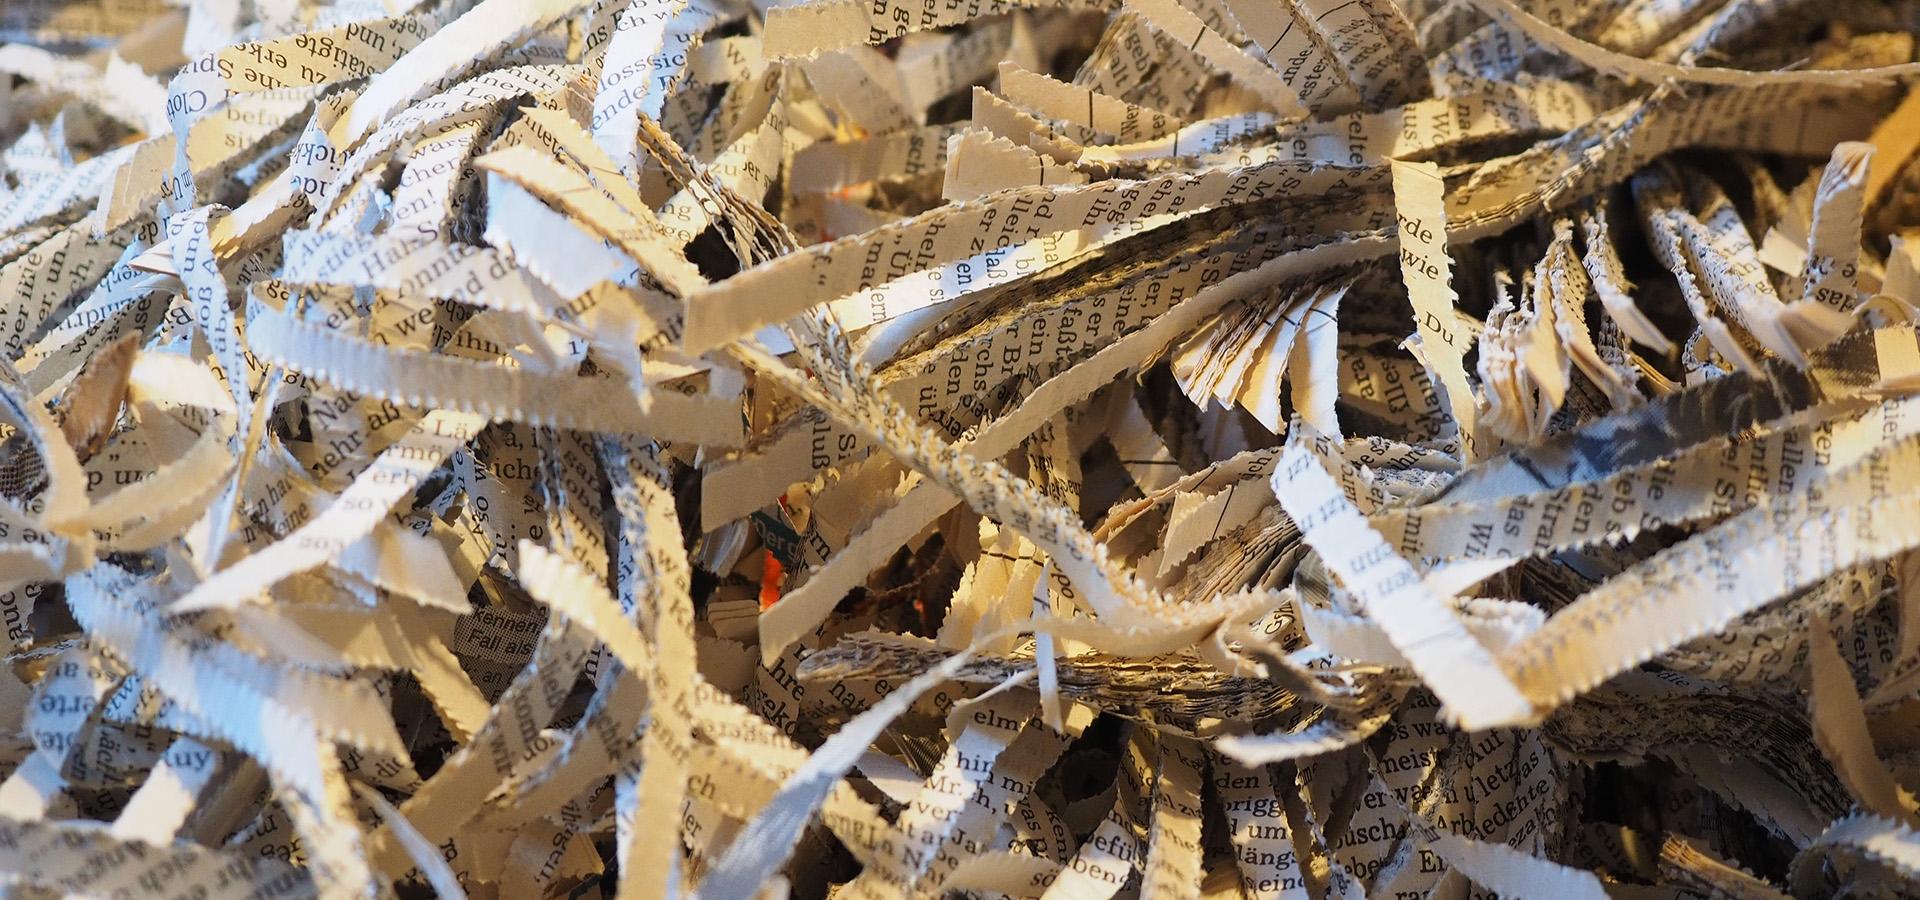 Papir makuleret fortroligt affald